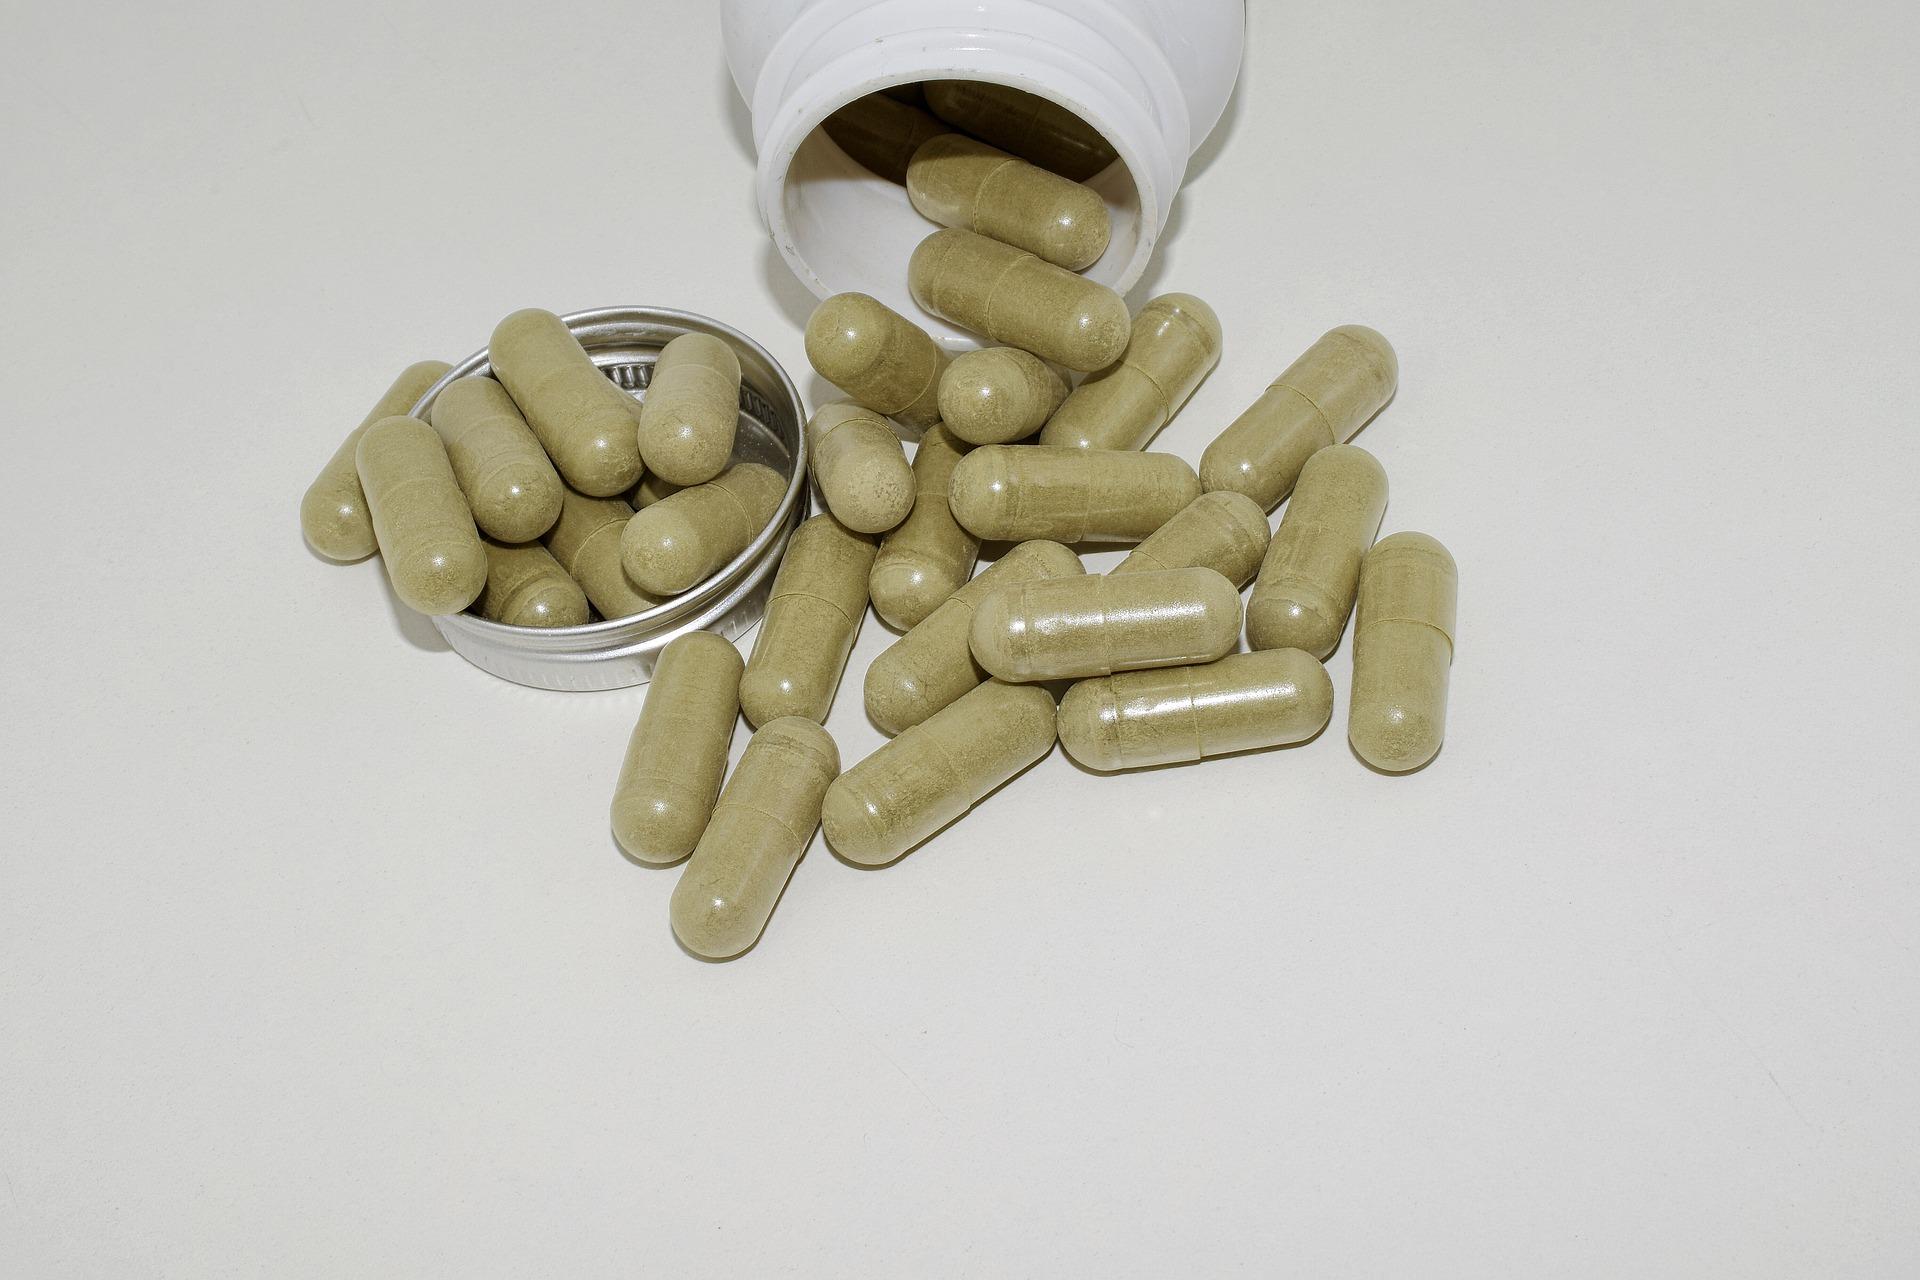 CBD Kapseln mit Hanfprotein sind leicht grünlich und riechen nach Heu.